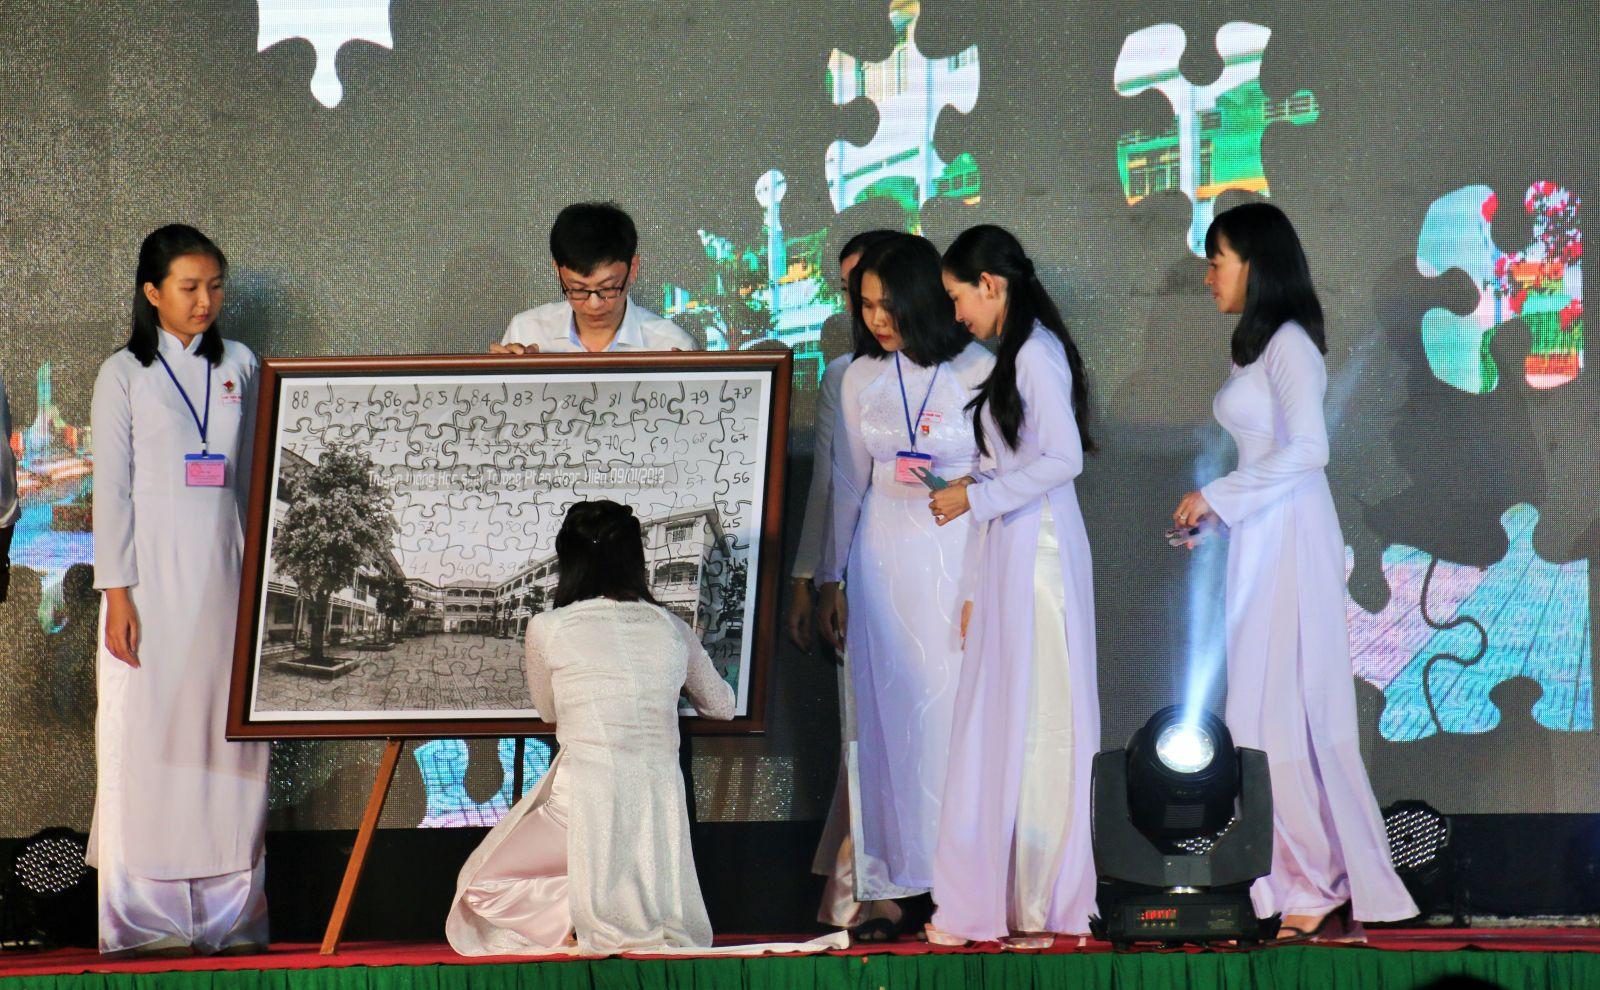 Ghép tranh về hình ảnh ngôi trường mến yêu mang tên Phan Ngọc Hiển.